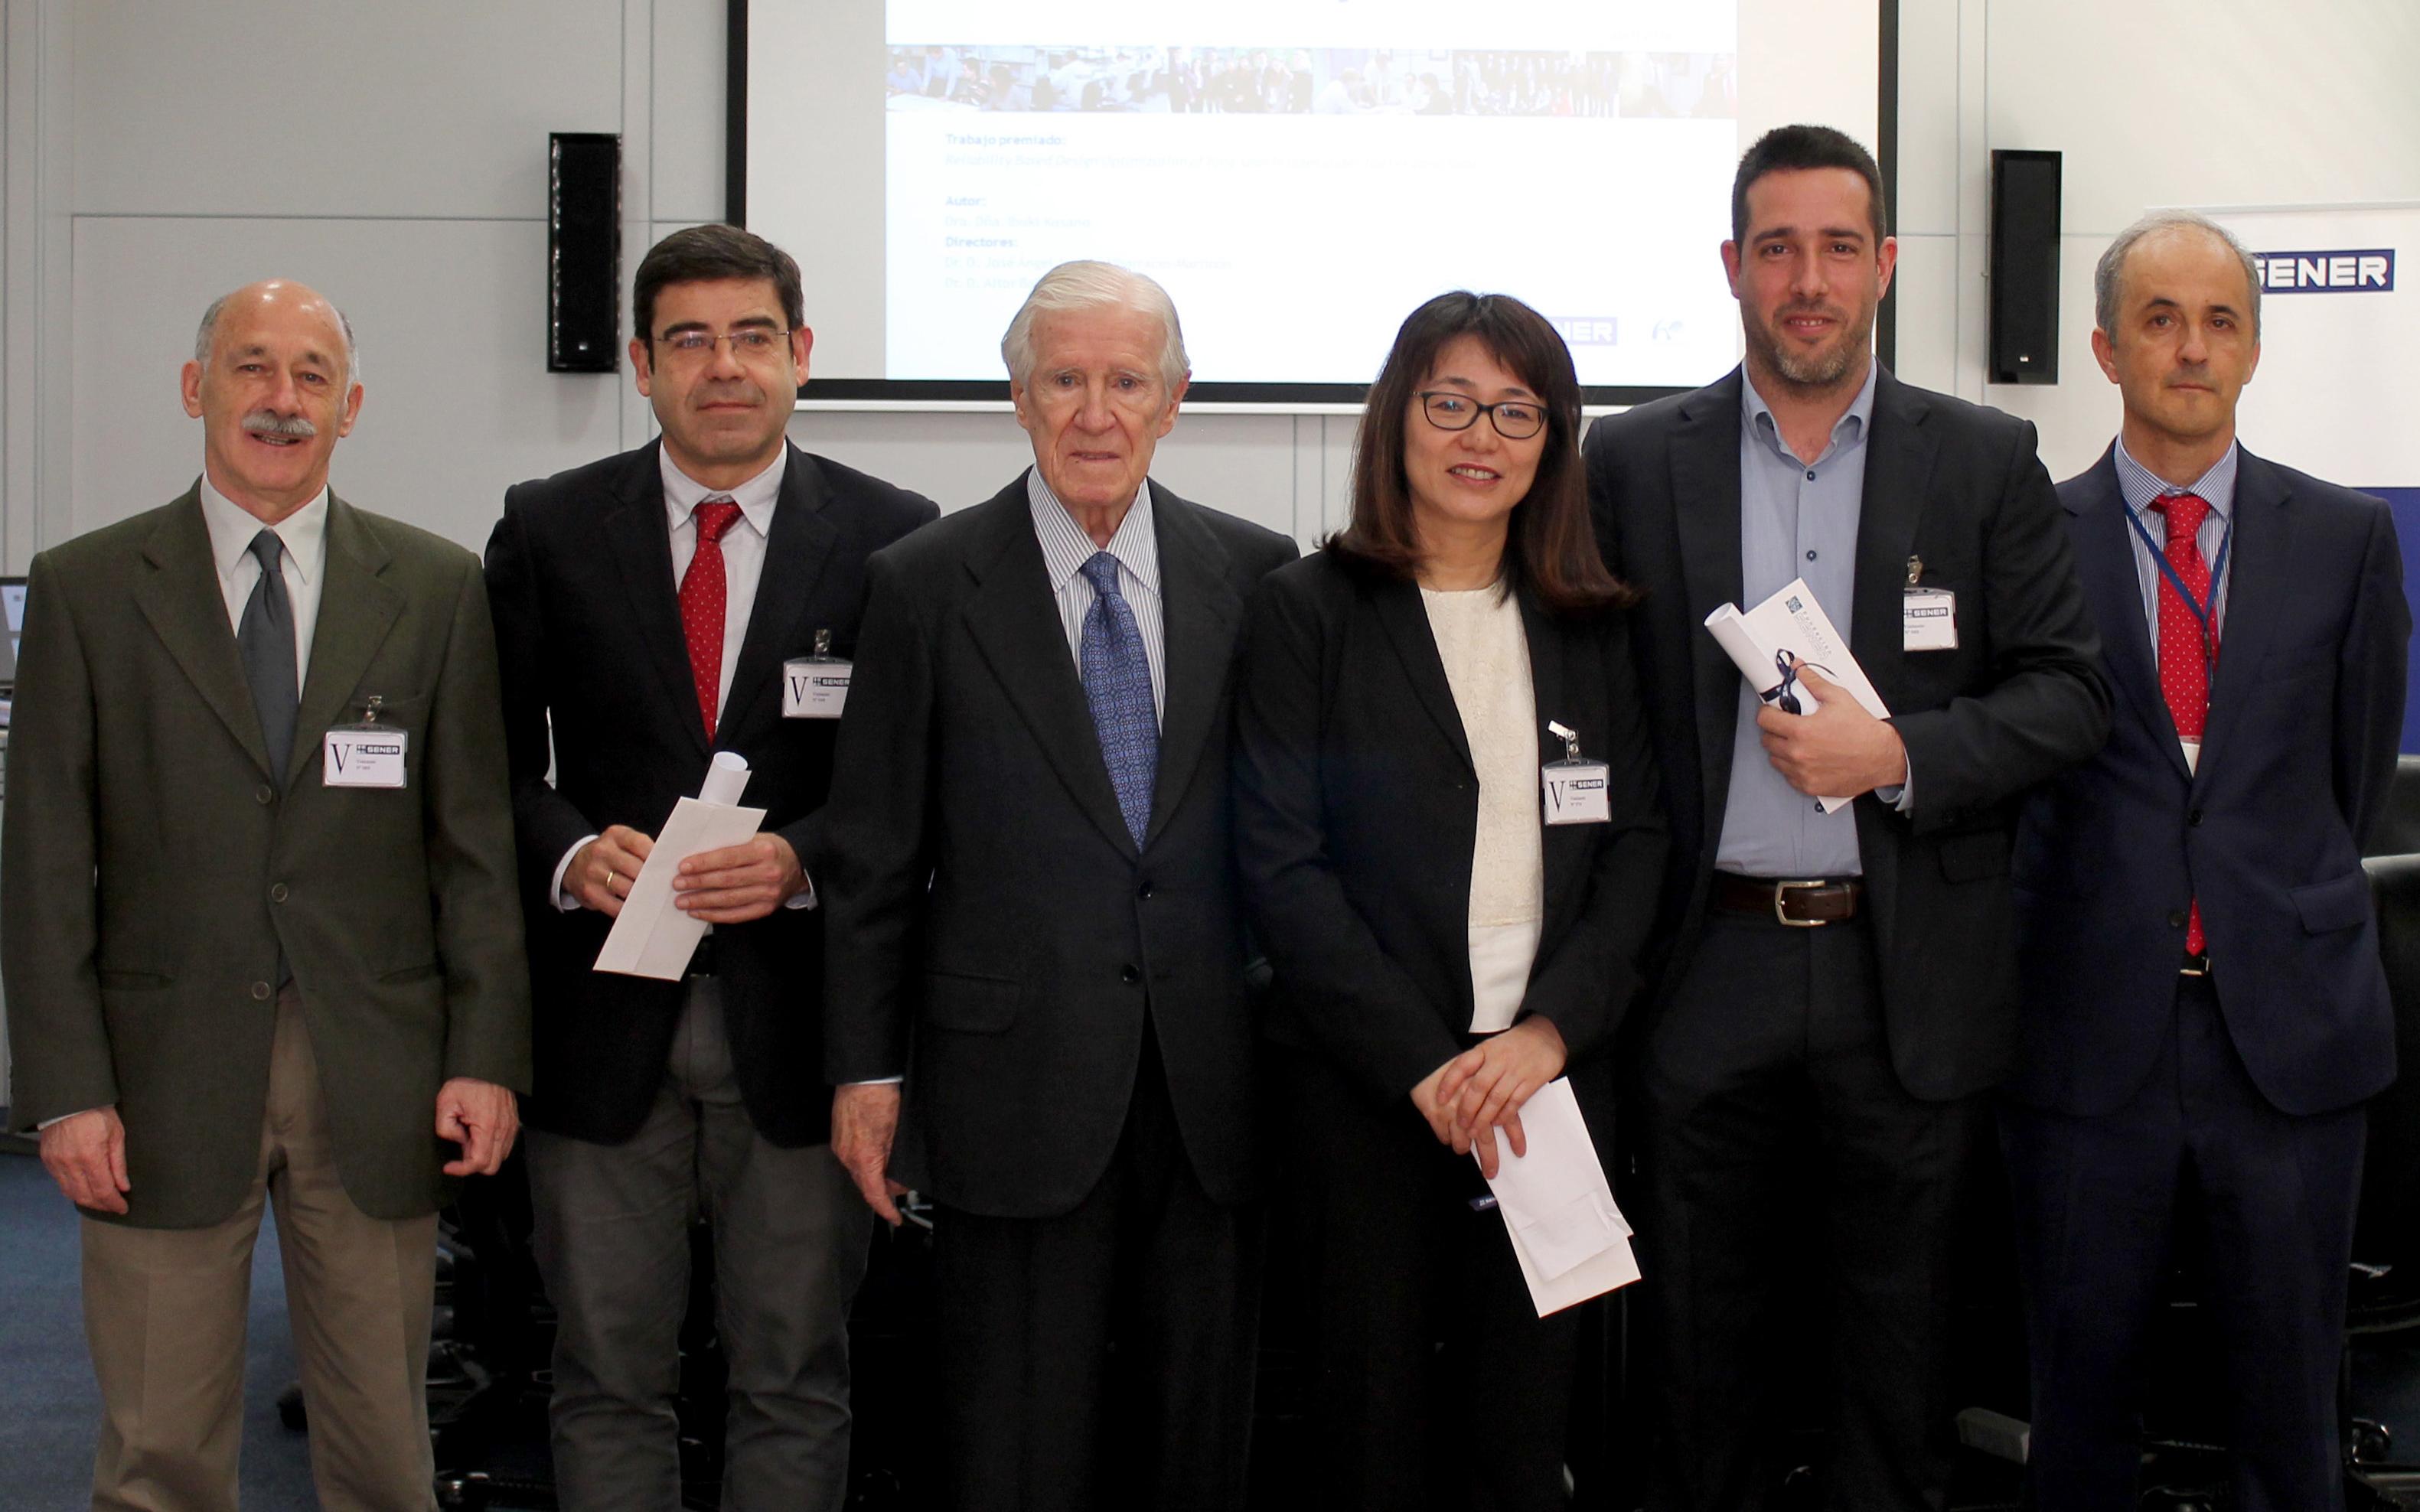 Una doctora por la Universidad de A Coruña obtiene el premio a la Mejor Tesis Doctoral de la Fundación SENER